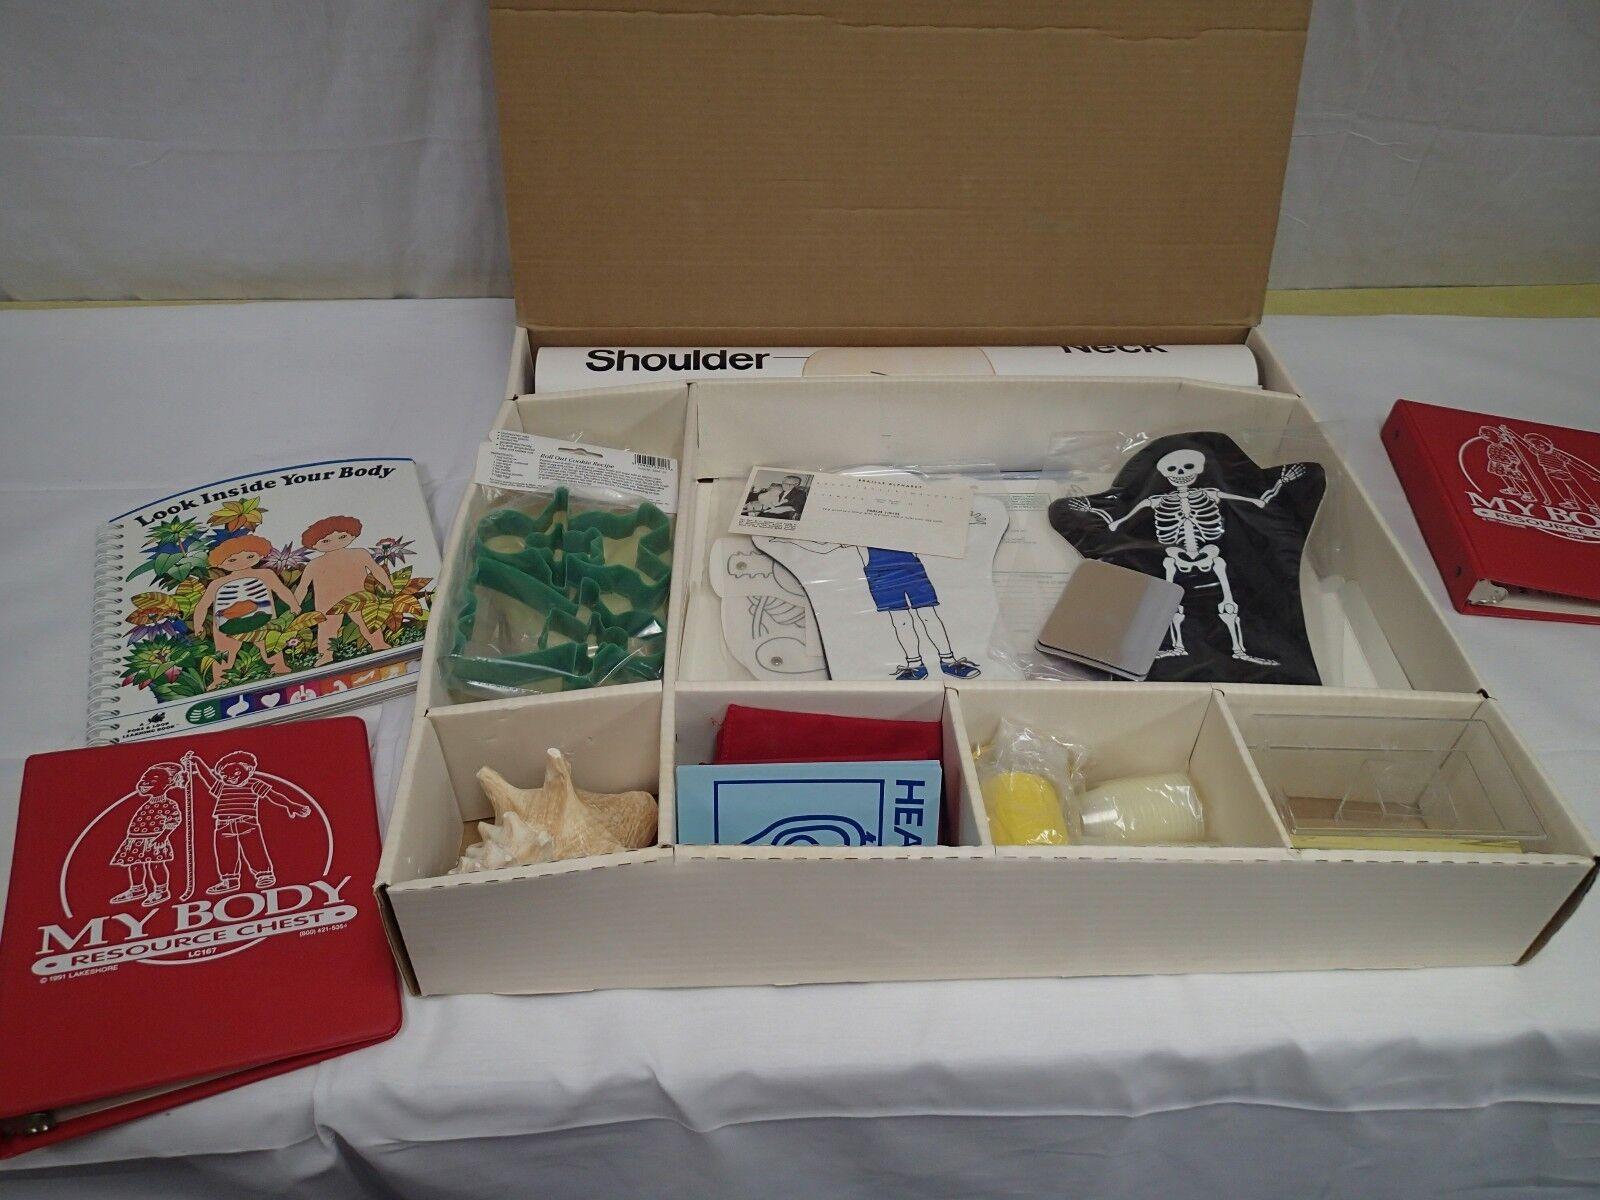 Entrega gratuita y rápida disponible. Lakeshore Todo sobre mi cuerpo eduCoche en casa Kit de de de aprendizaje educativo enormes libros tarjetas  disfrutando de sus compras